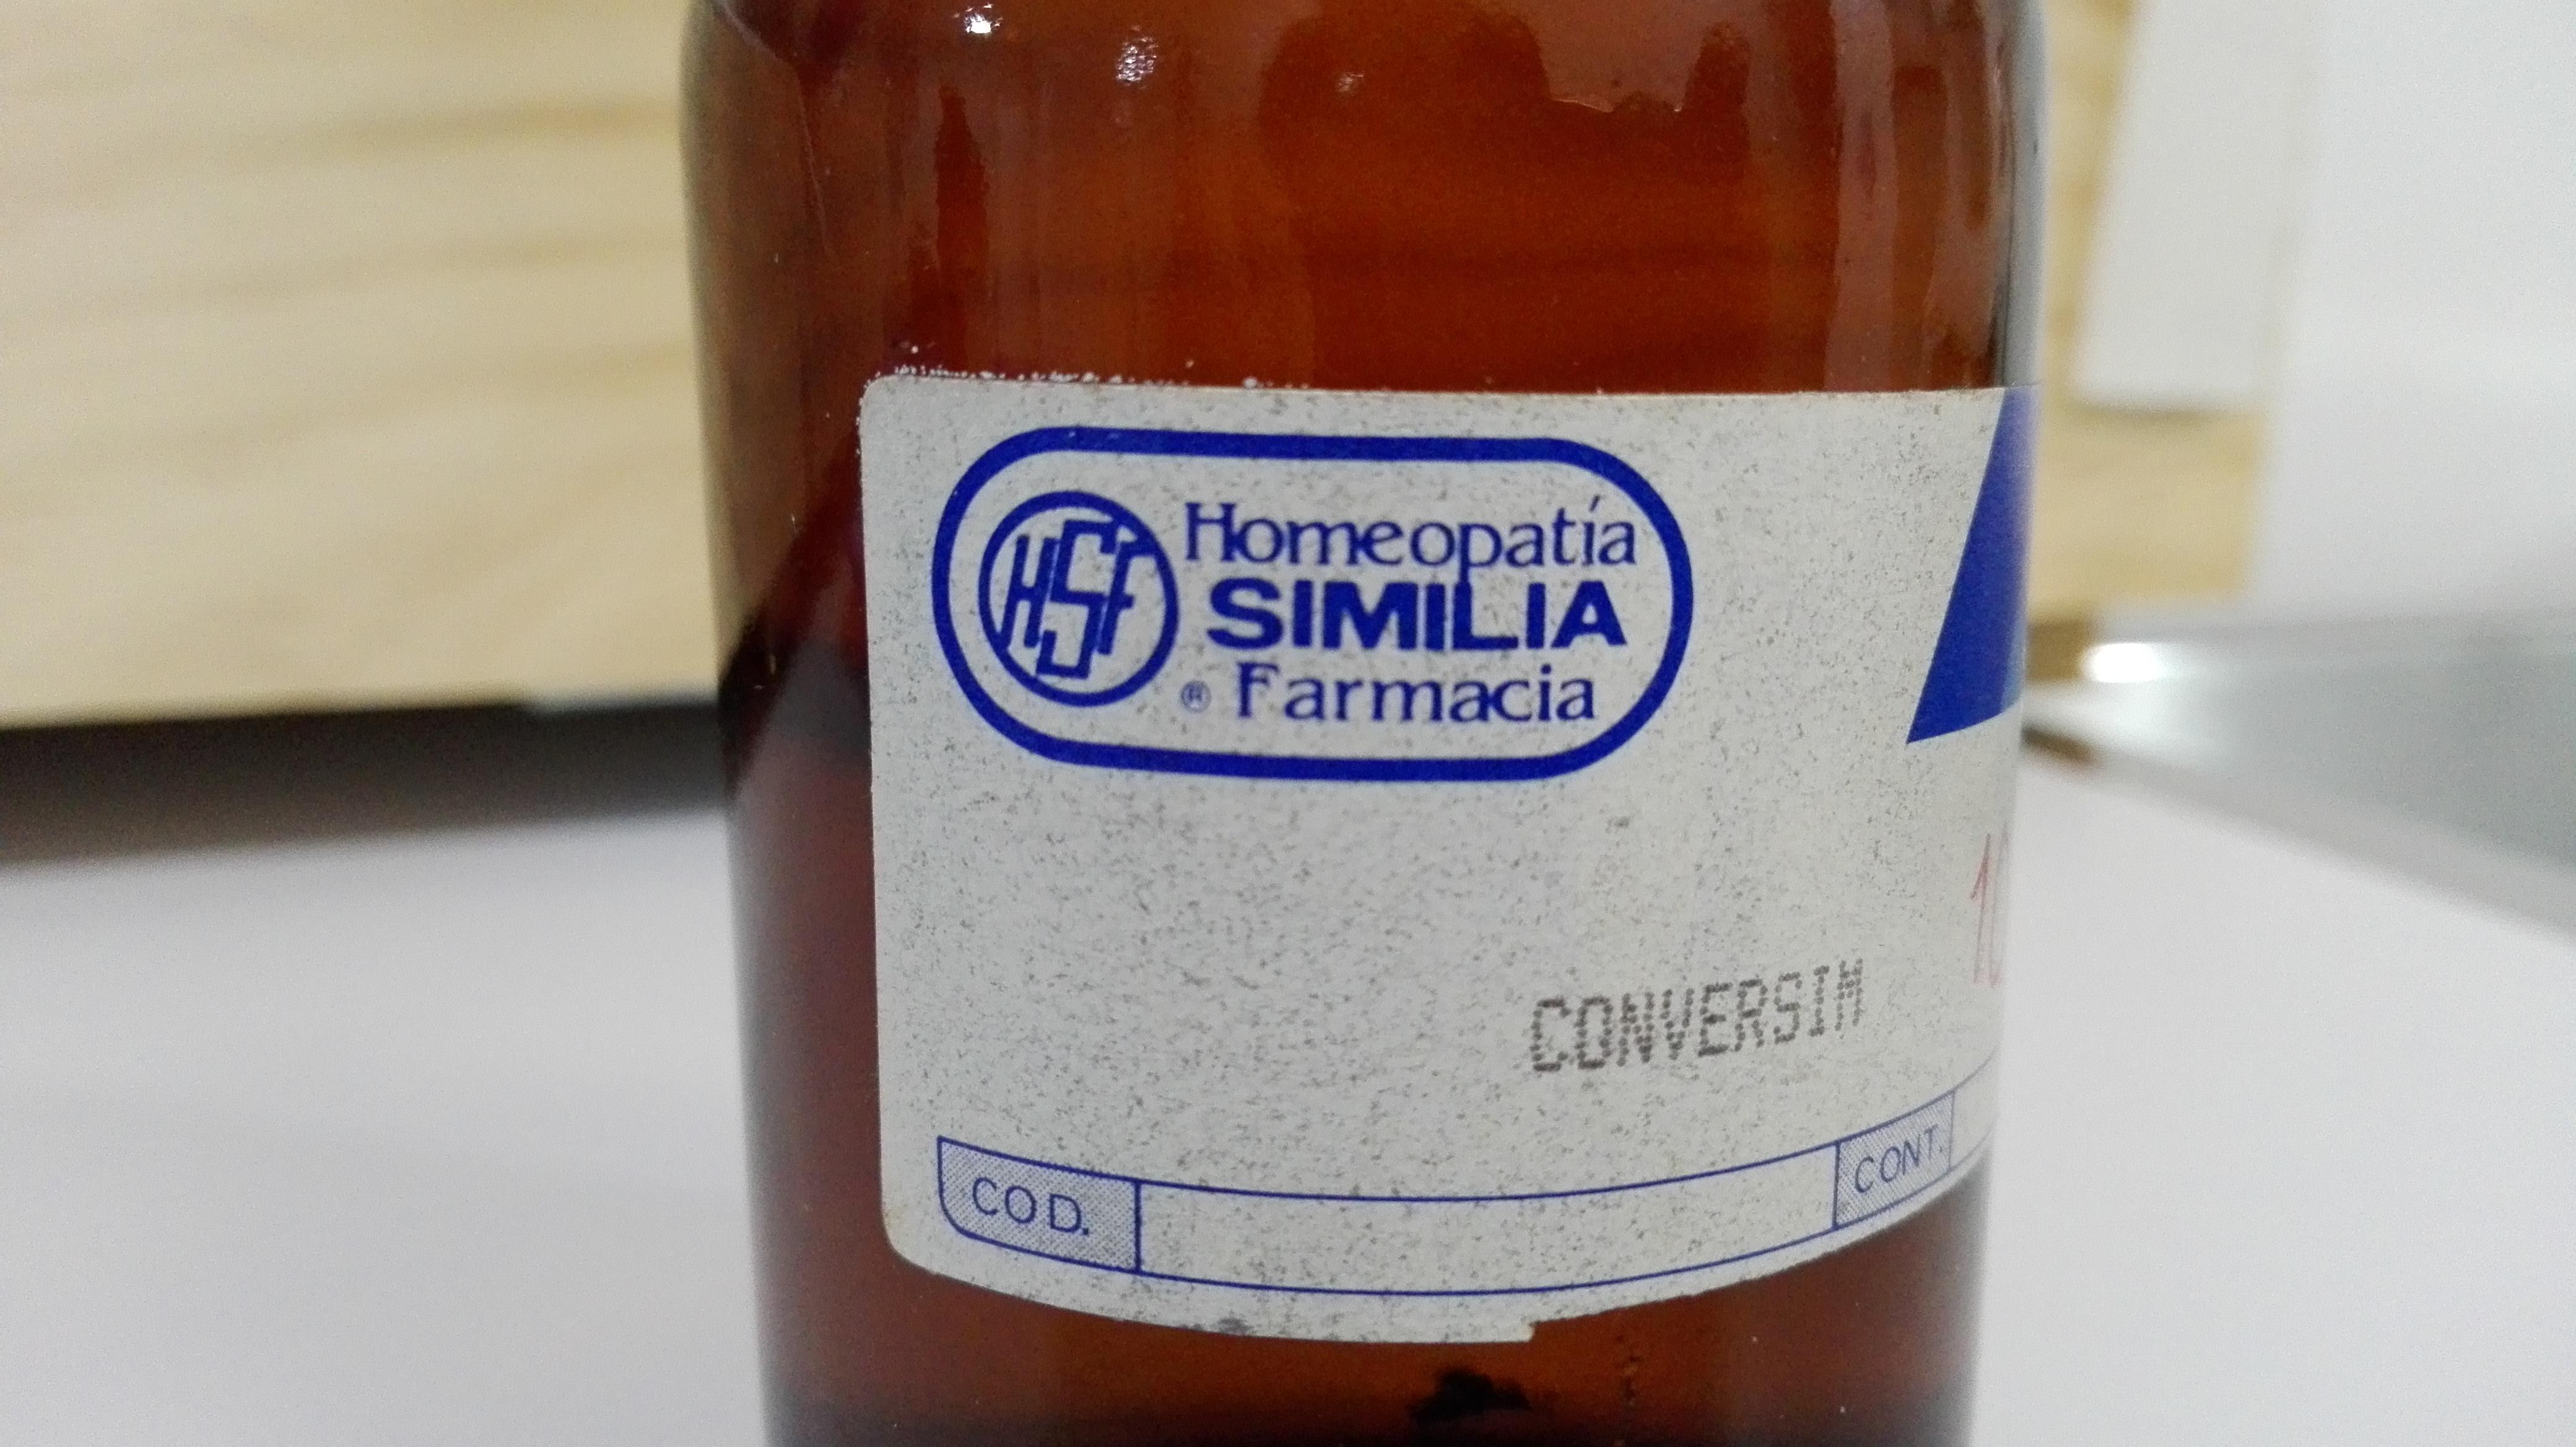 Homeopatia Similia Farmacia 1980